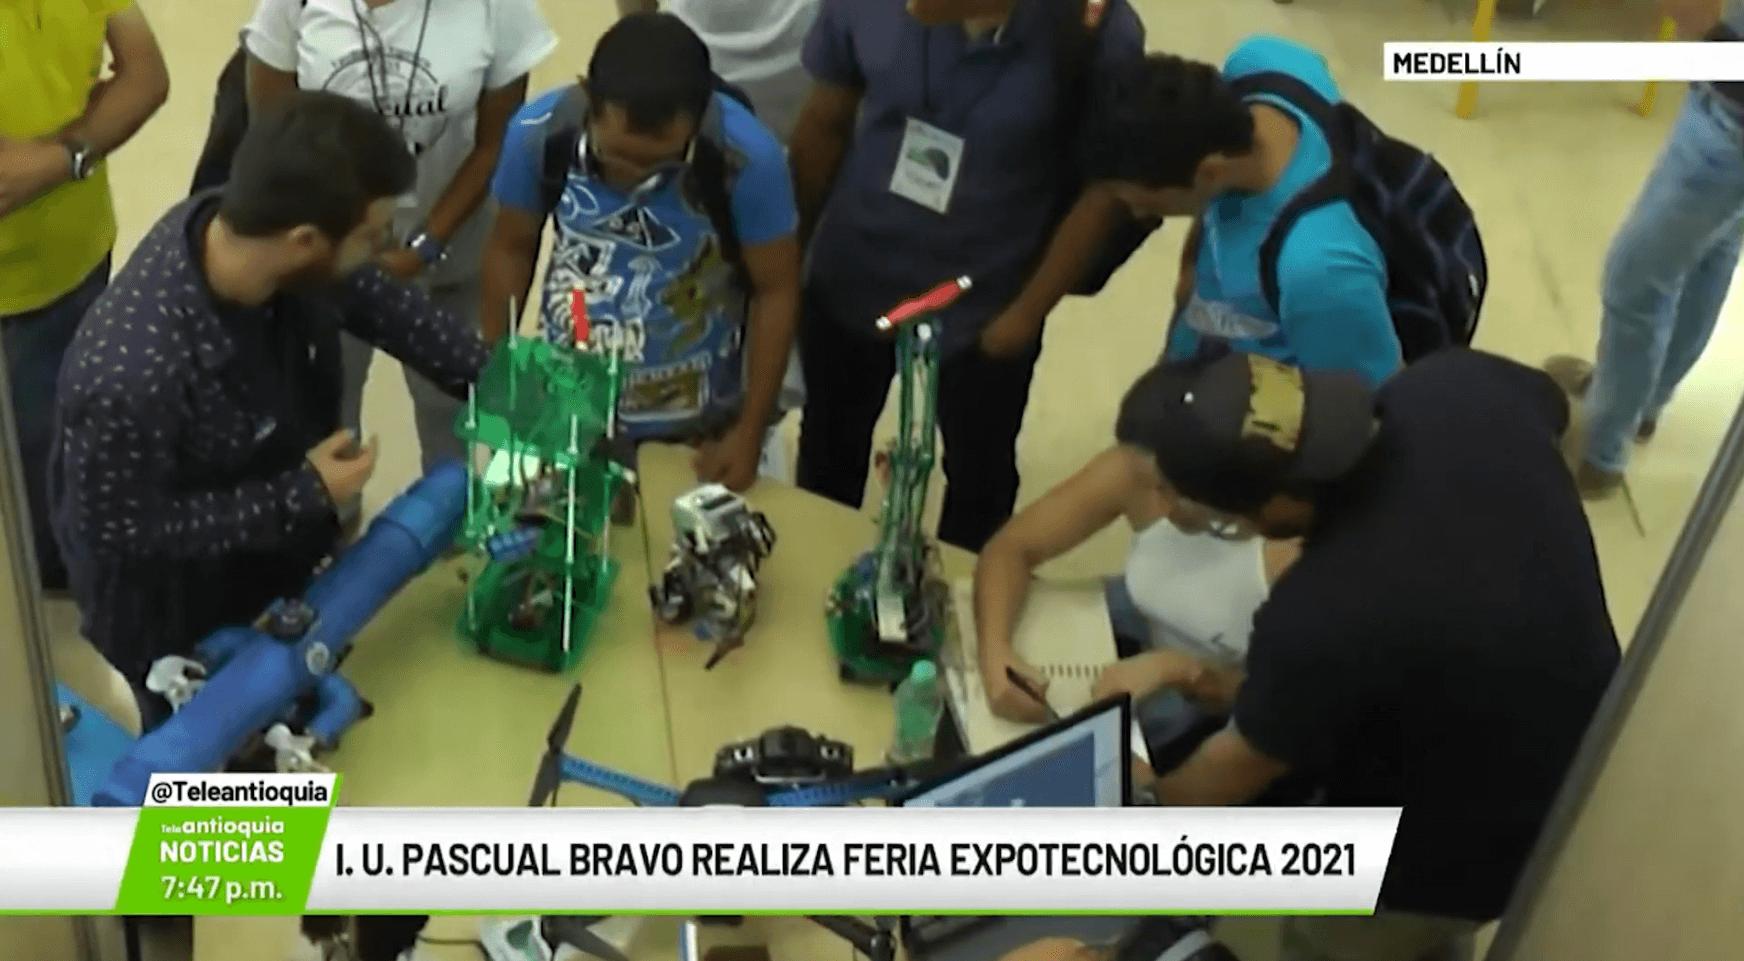 I.U. Pascual Bravo realiza Feria Expotecnológica 2021